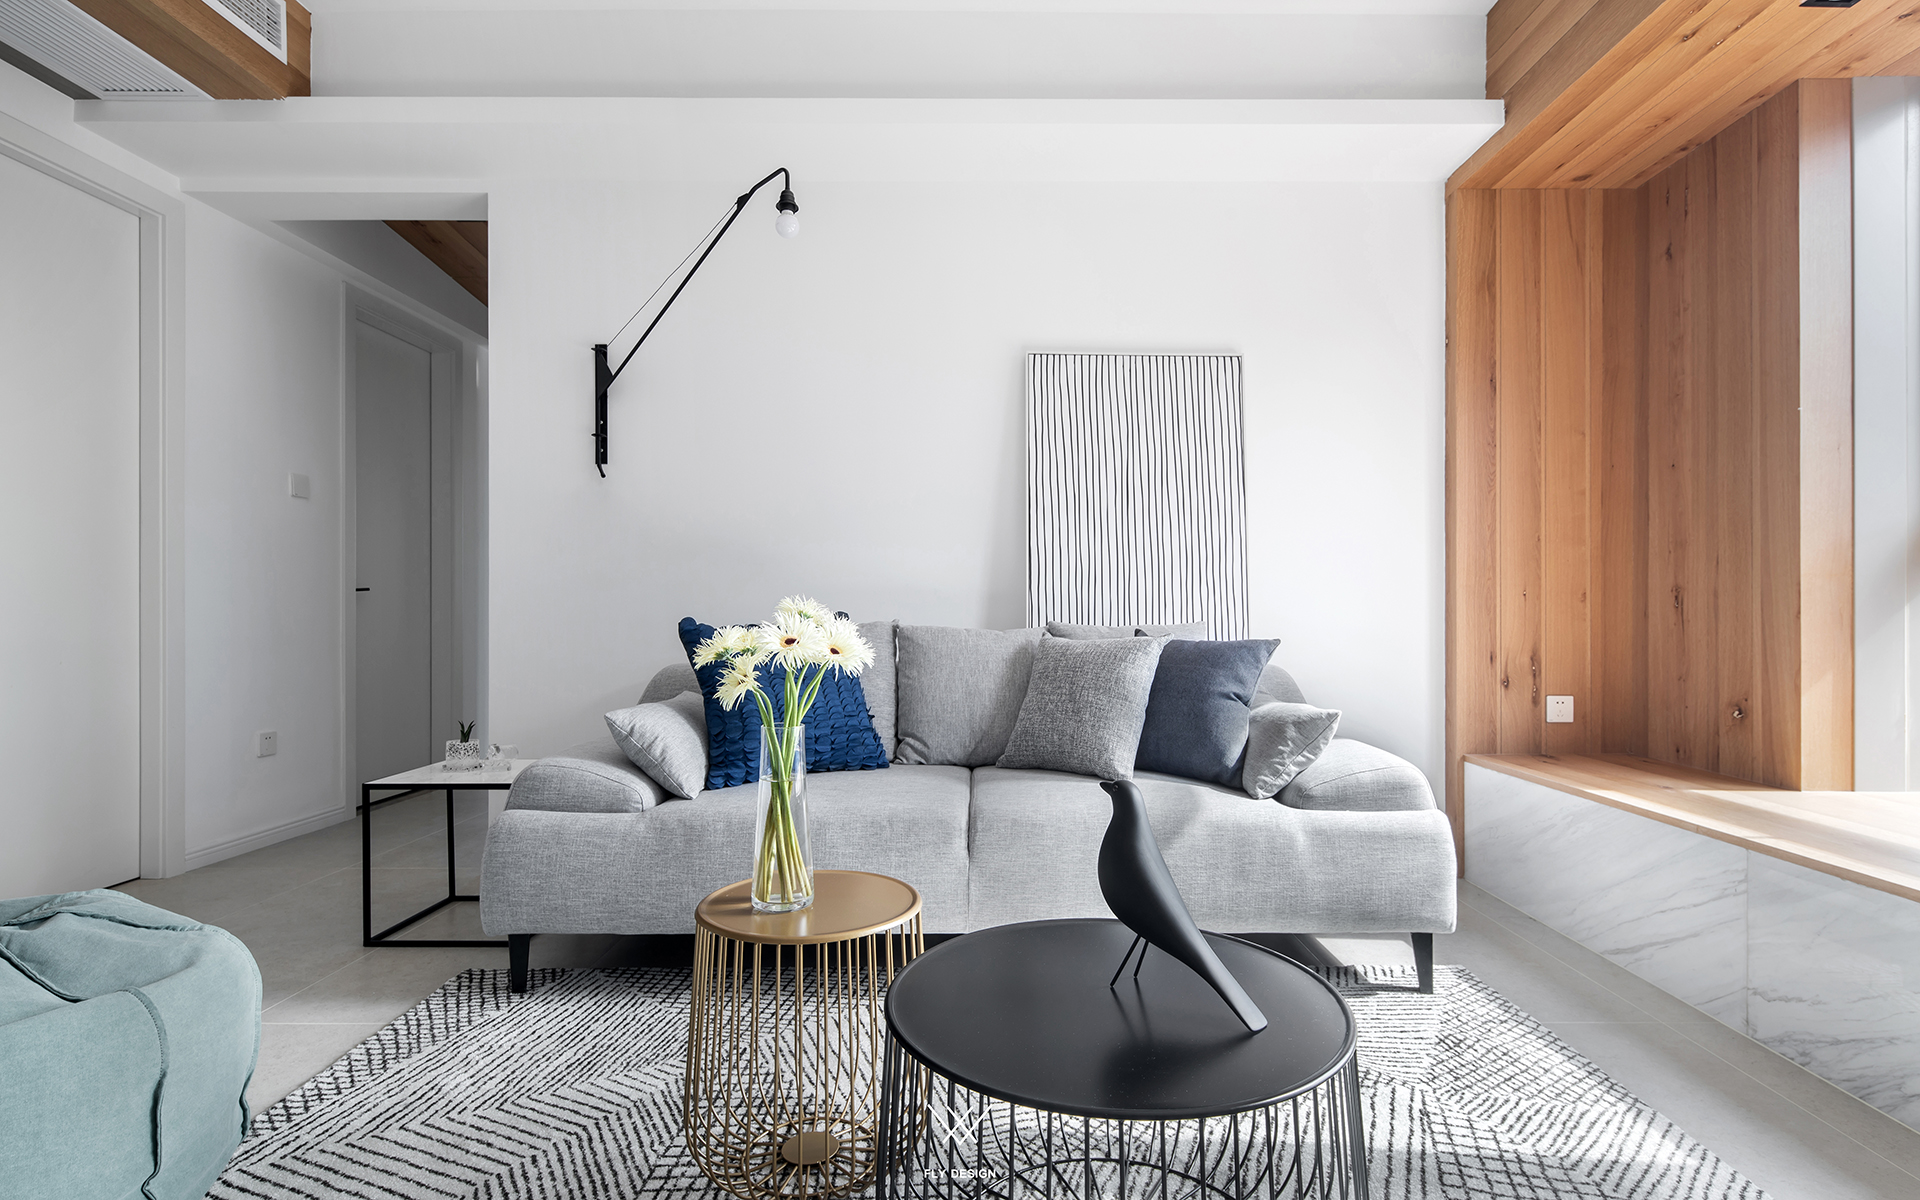 北欧休闲风两居沙发背景墙装修效果图